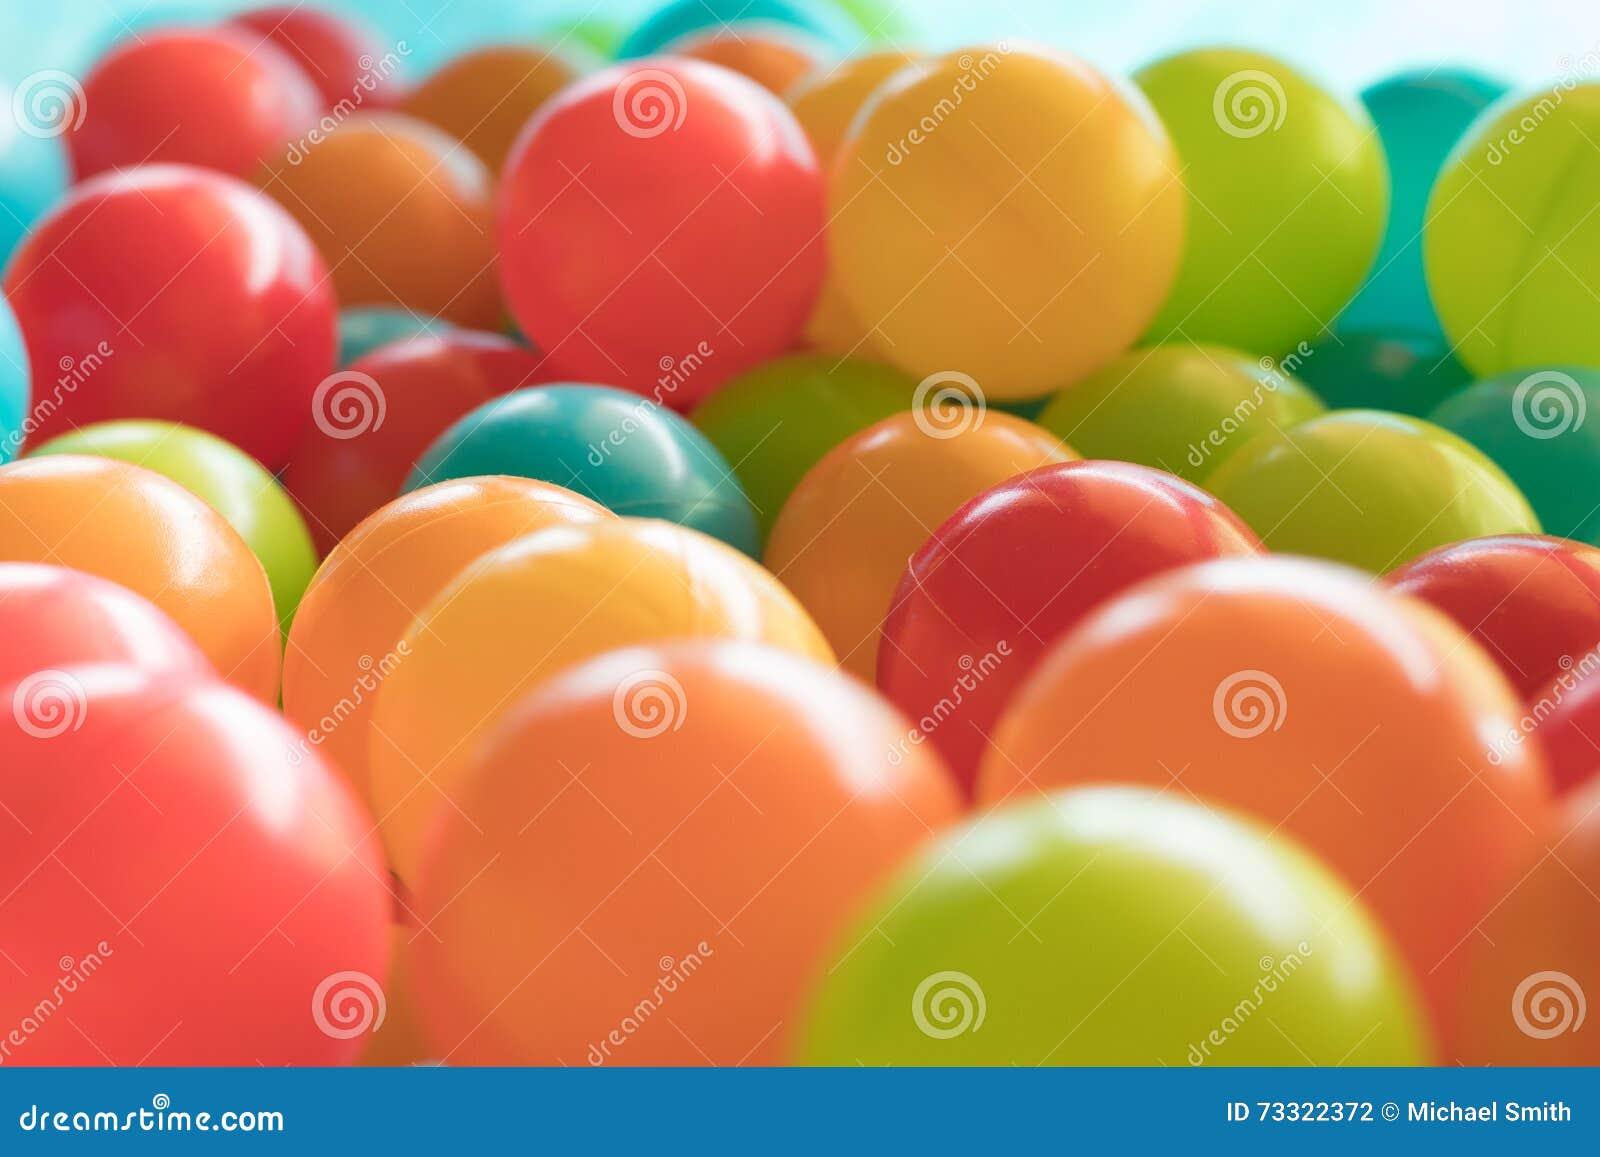 明亮和五颜六色的塑料玩具球,球坑,关闭